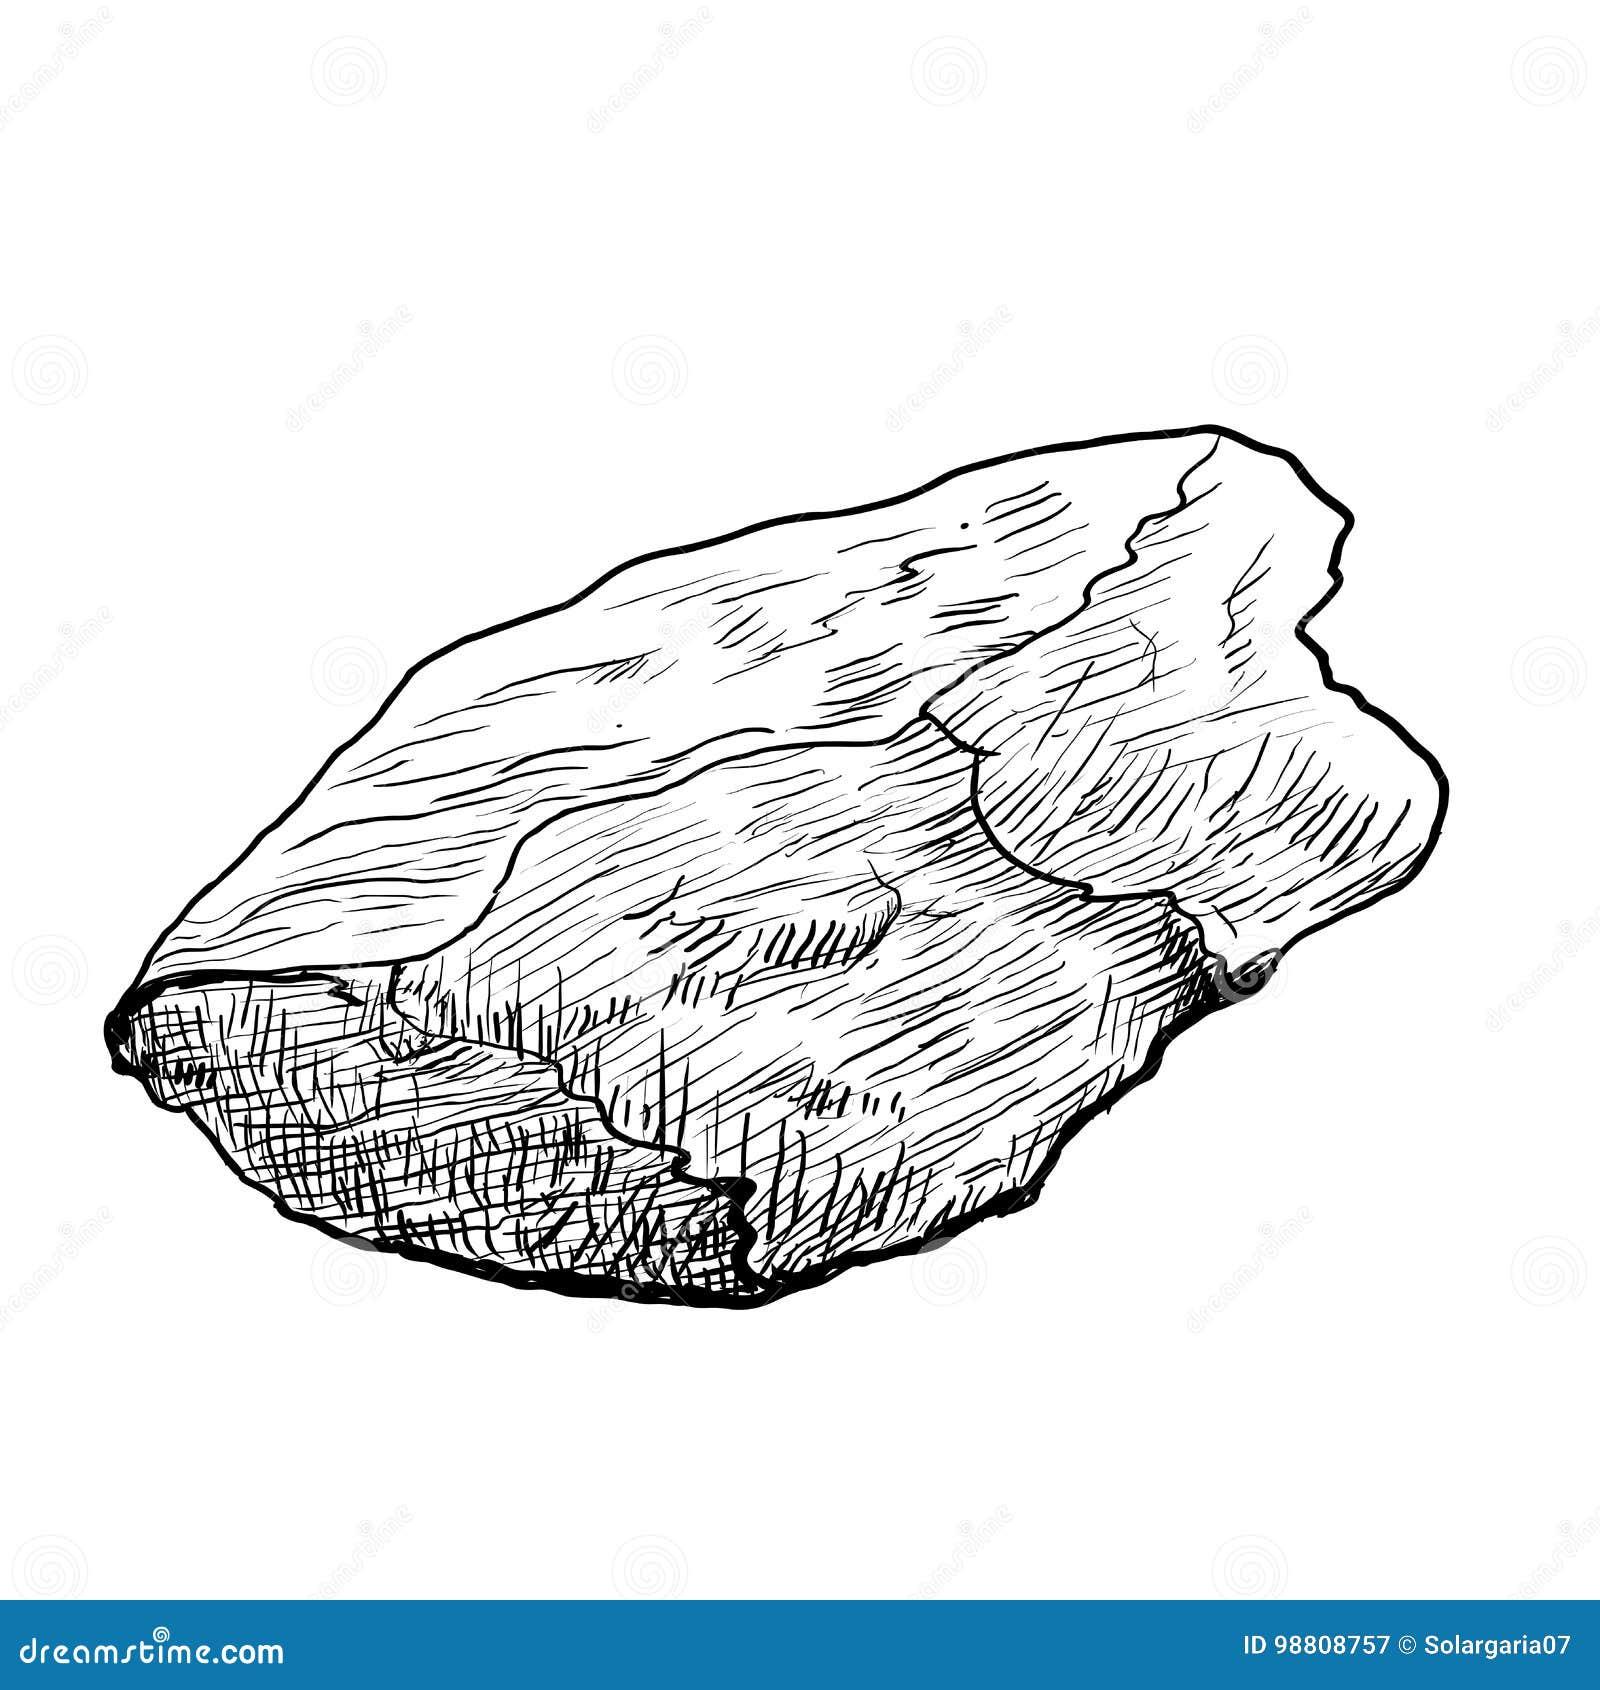 Rocha Do Desenho Da Mao Ilustracao Tirada Vetor Ilustracao Do